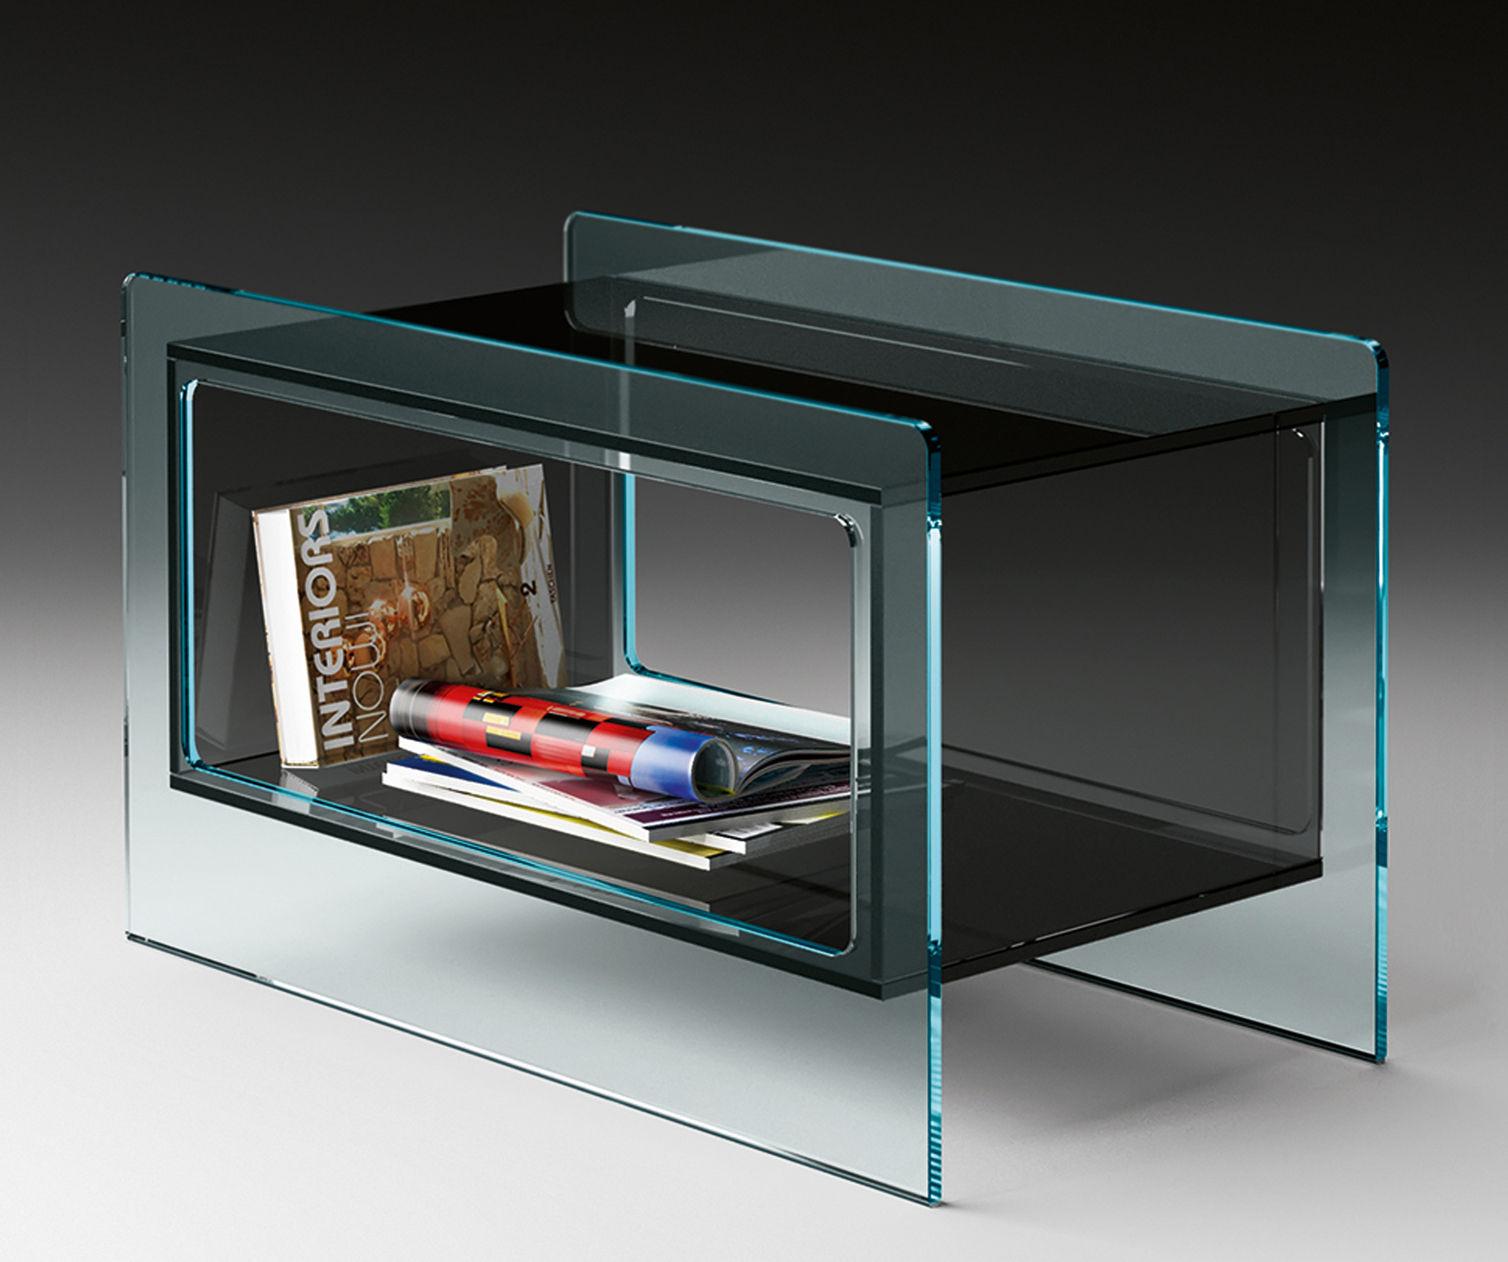 Arredamento - Tavolini  - Tavolino Magique Side - / 70 x 38 cm di FIAM - Trasparente / Scomparto grigio fumo - Vetro